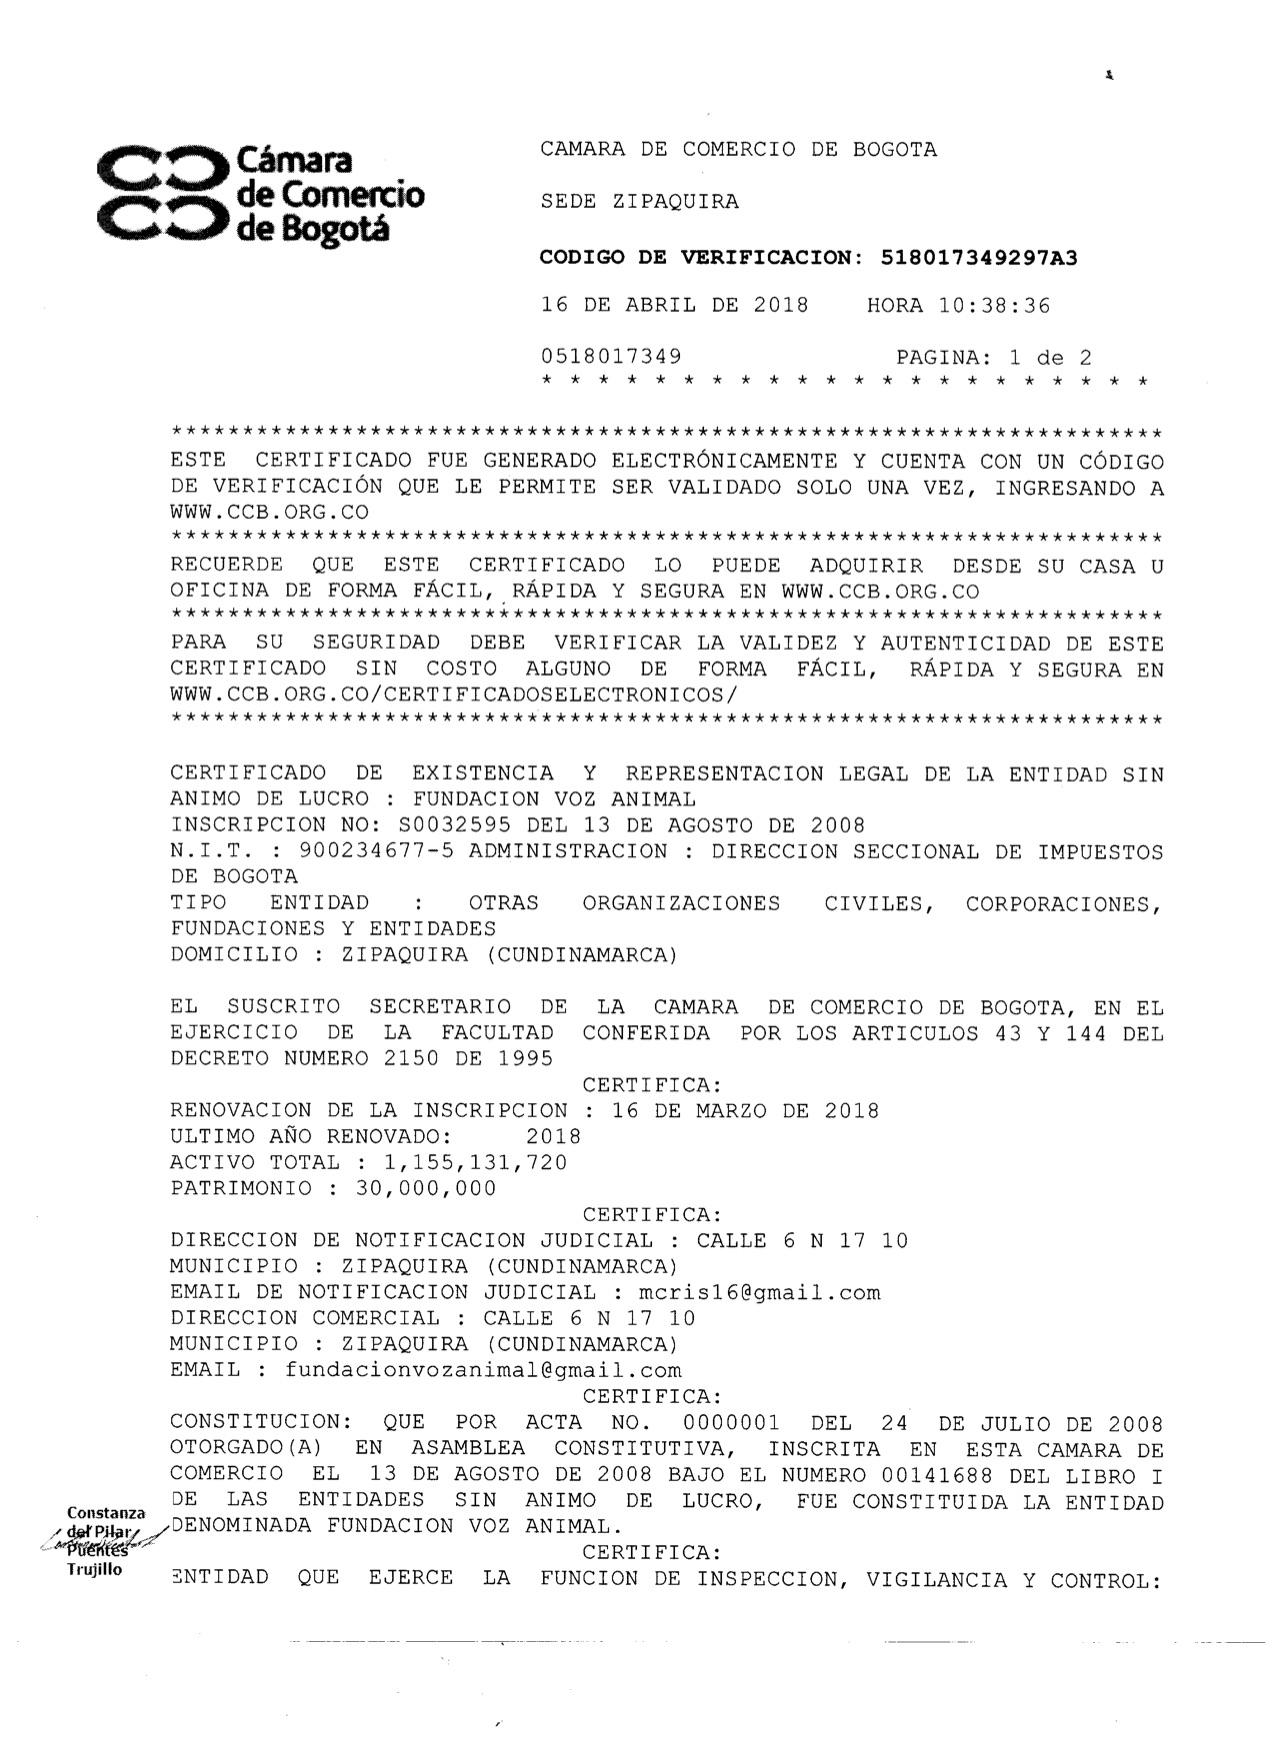 Certificado Existencia y R.L 1